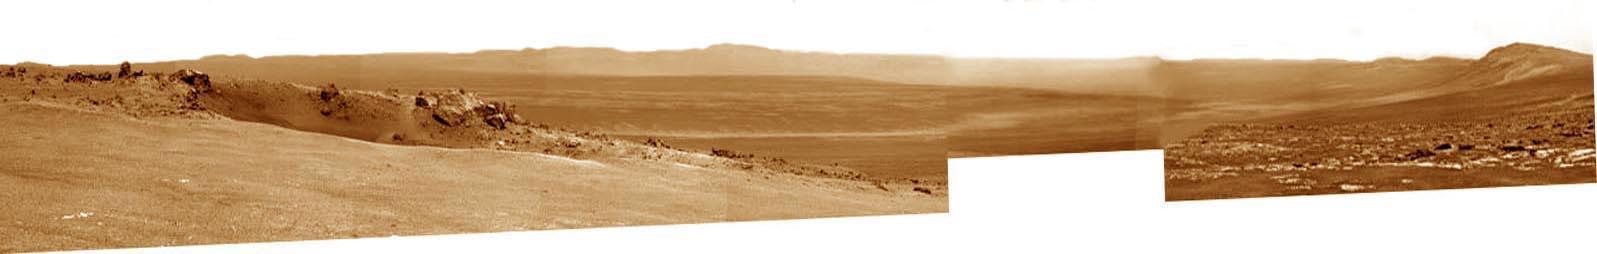 Mosaïque artisanale prise de Botany Bay en direction du cratère Endeavour qui se découvre dans sa quasi-totalité